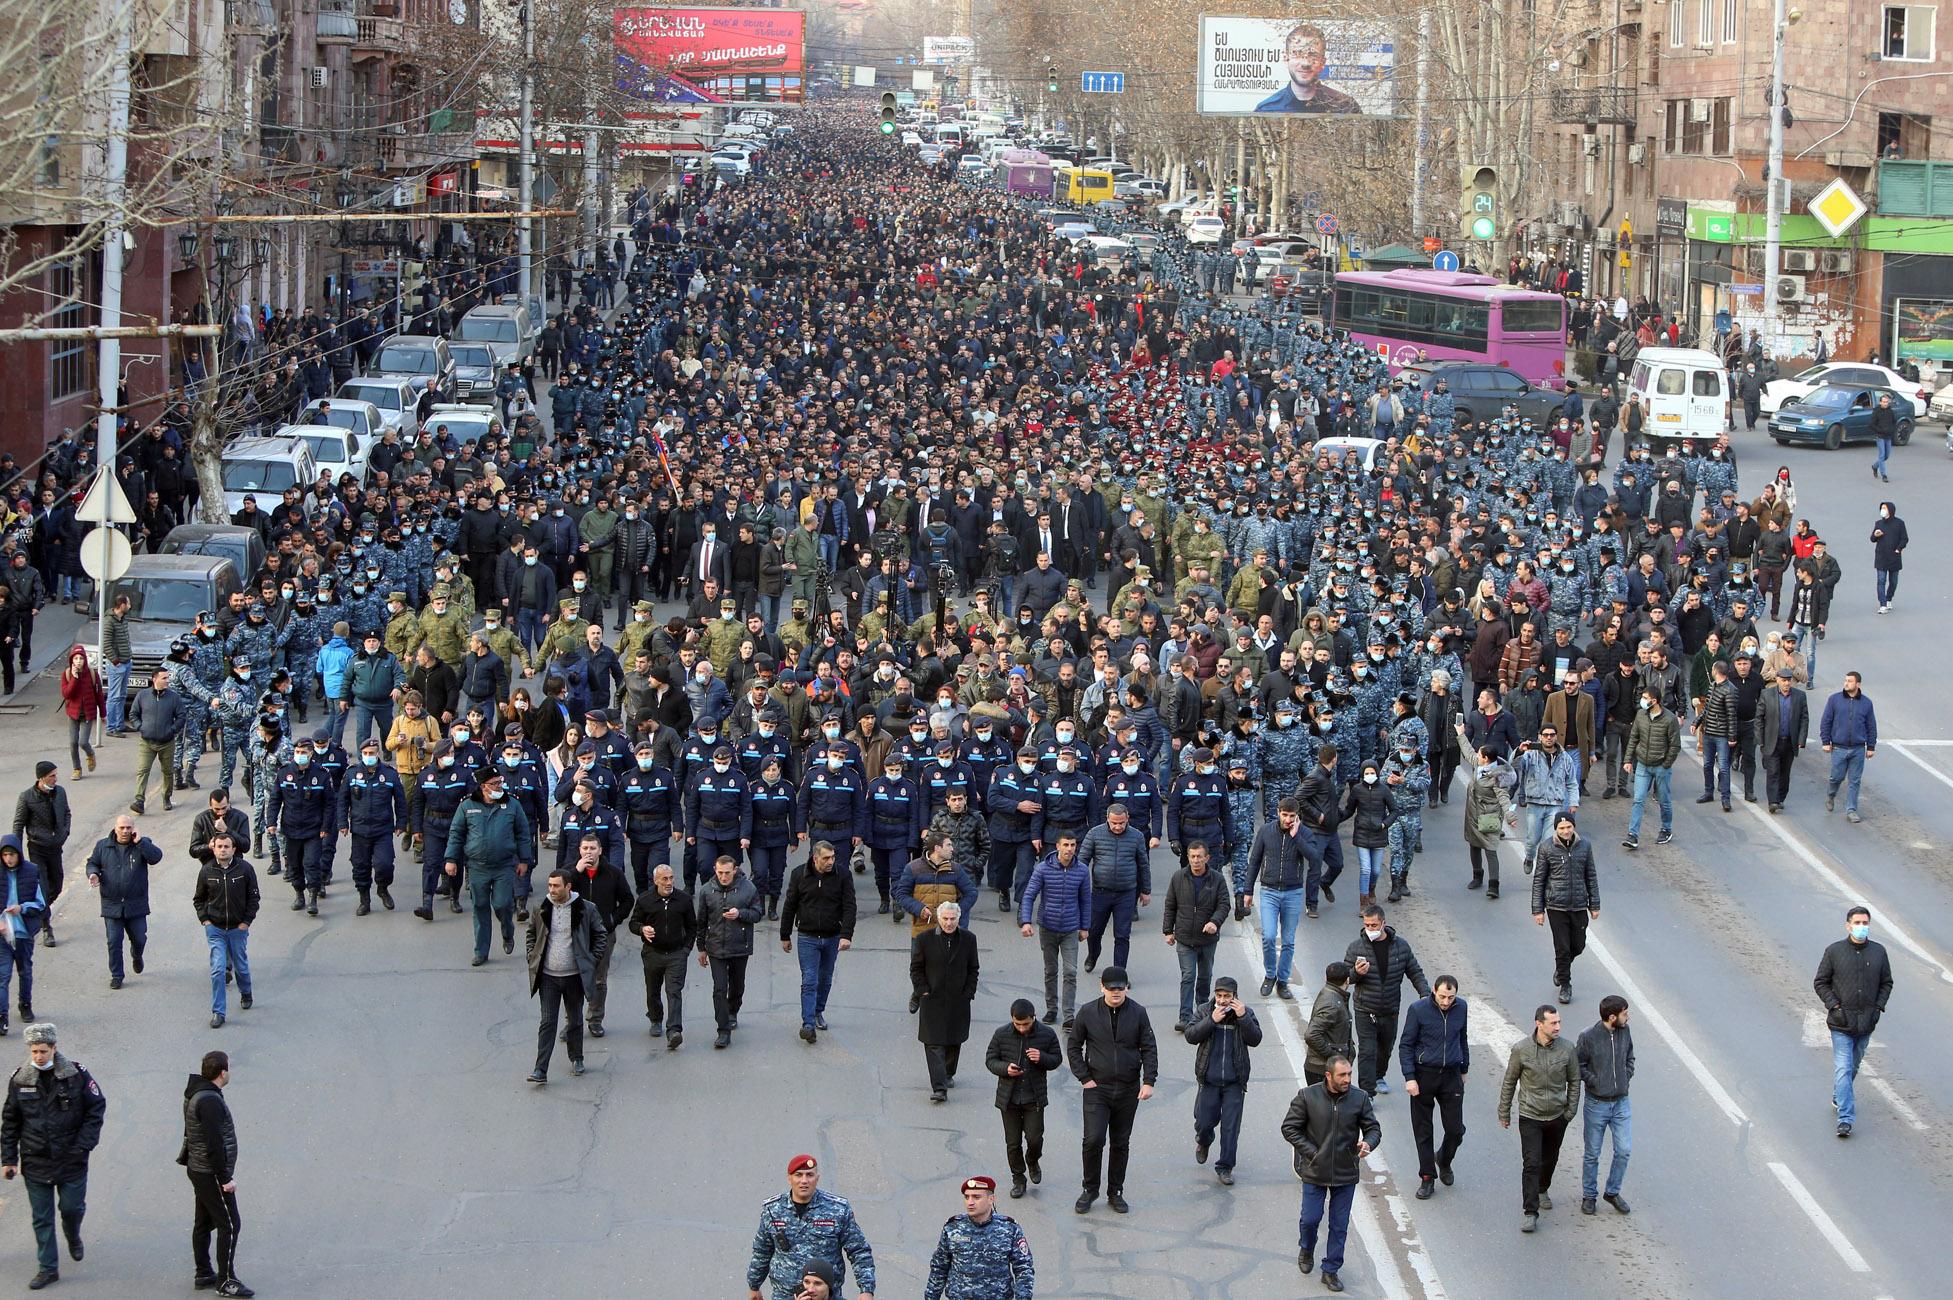 Αρμενία: Χιλιάδες διαδηλωτές ζητούν την παραίτηση Πασινιάν για την ήττα στο Ναγκόρνο Καραμπάχ